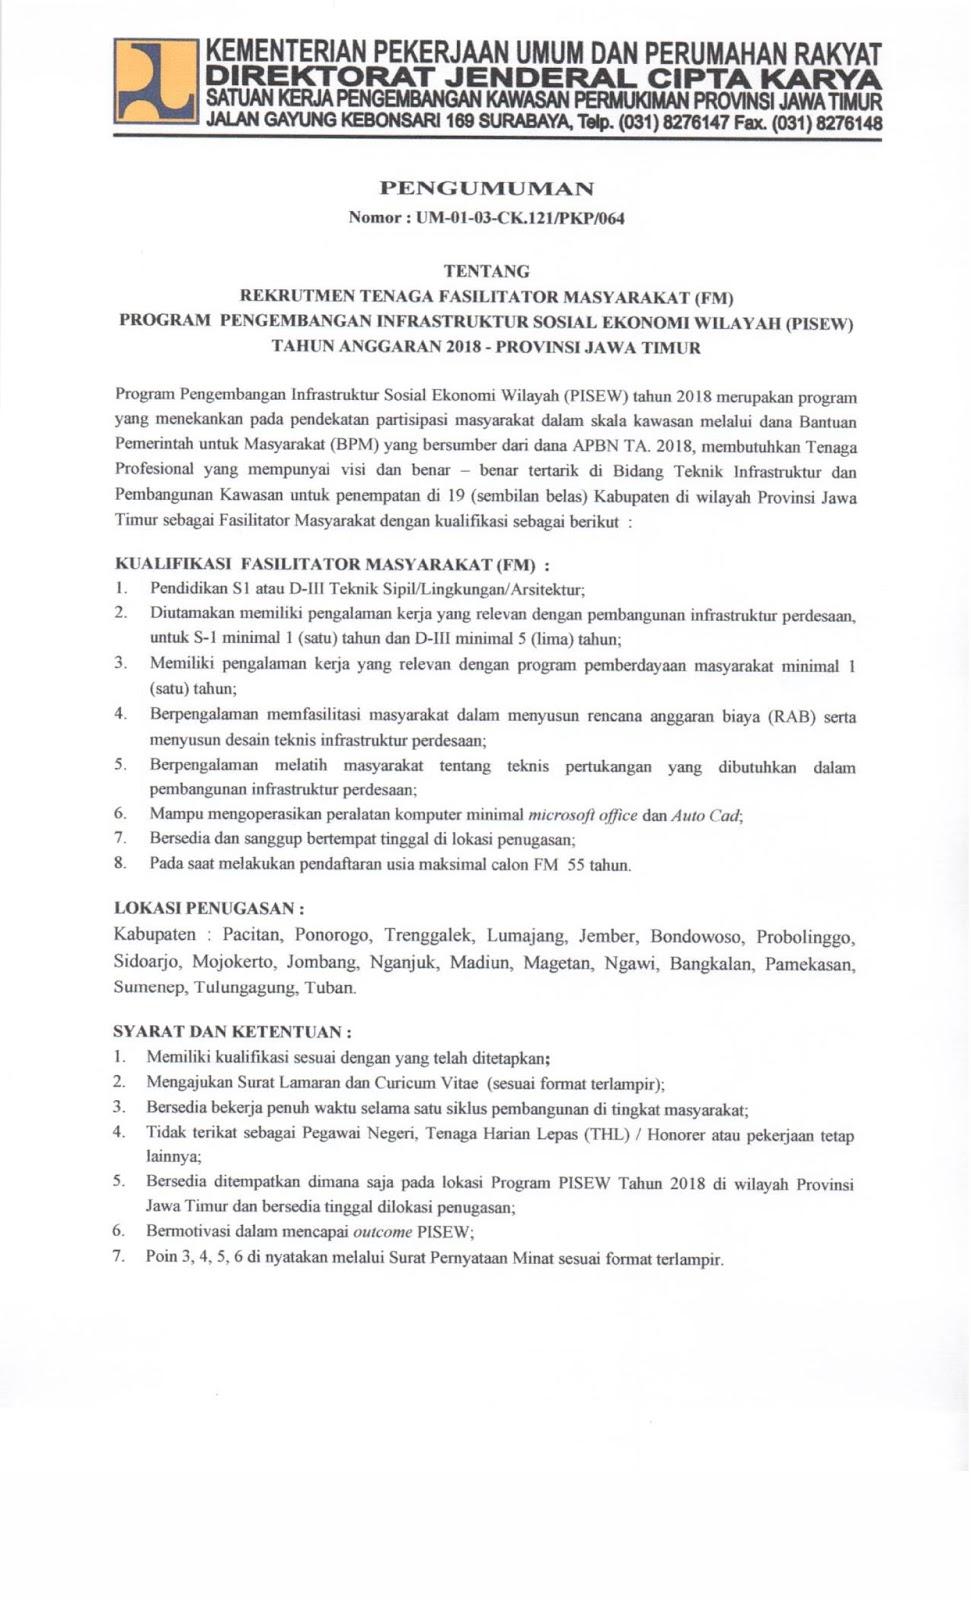 Lowongan Kerja  Rekrutmen Kementerian Pekerjaan Umum dan Perumahan Rakyat  Oktober 2018